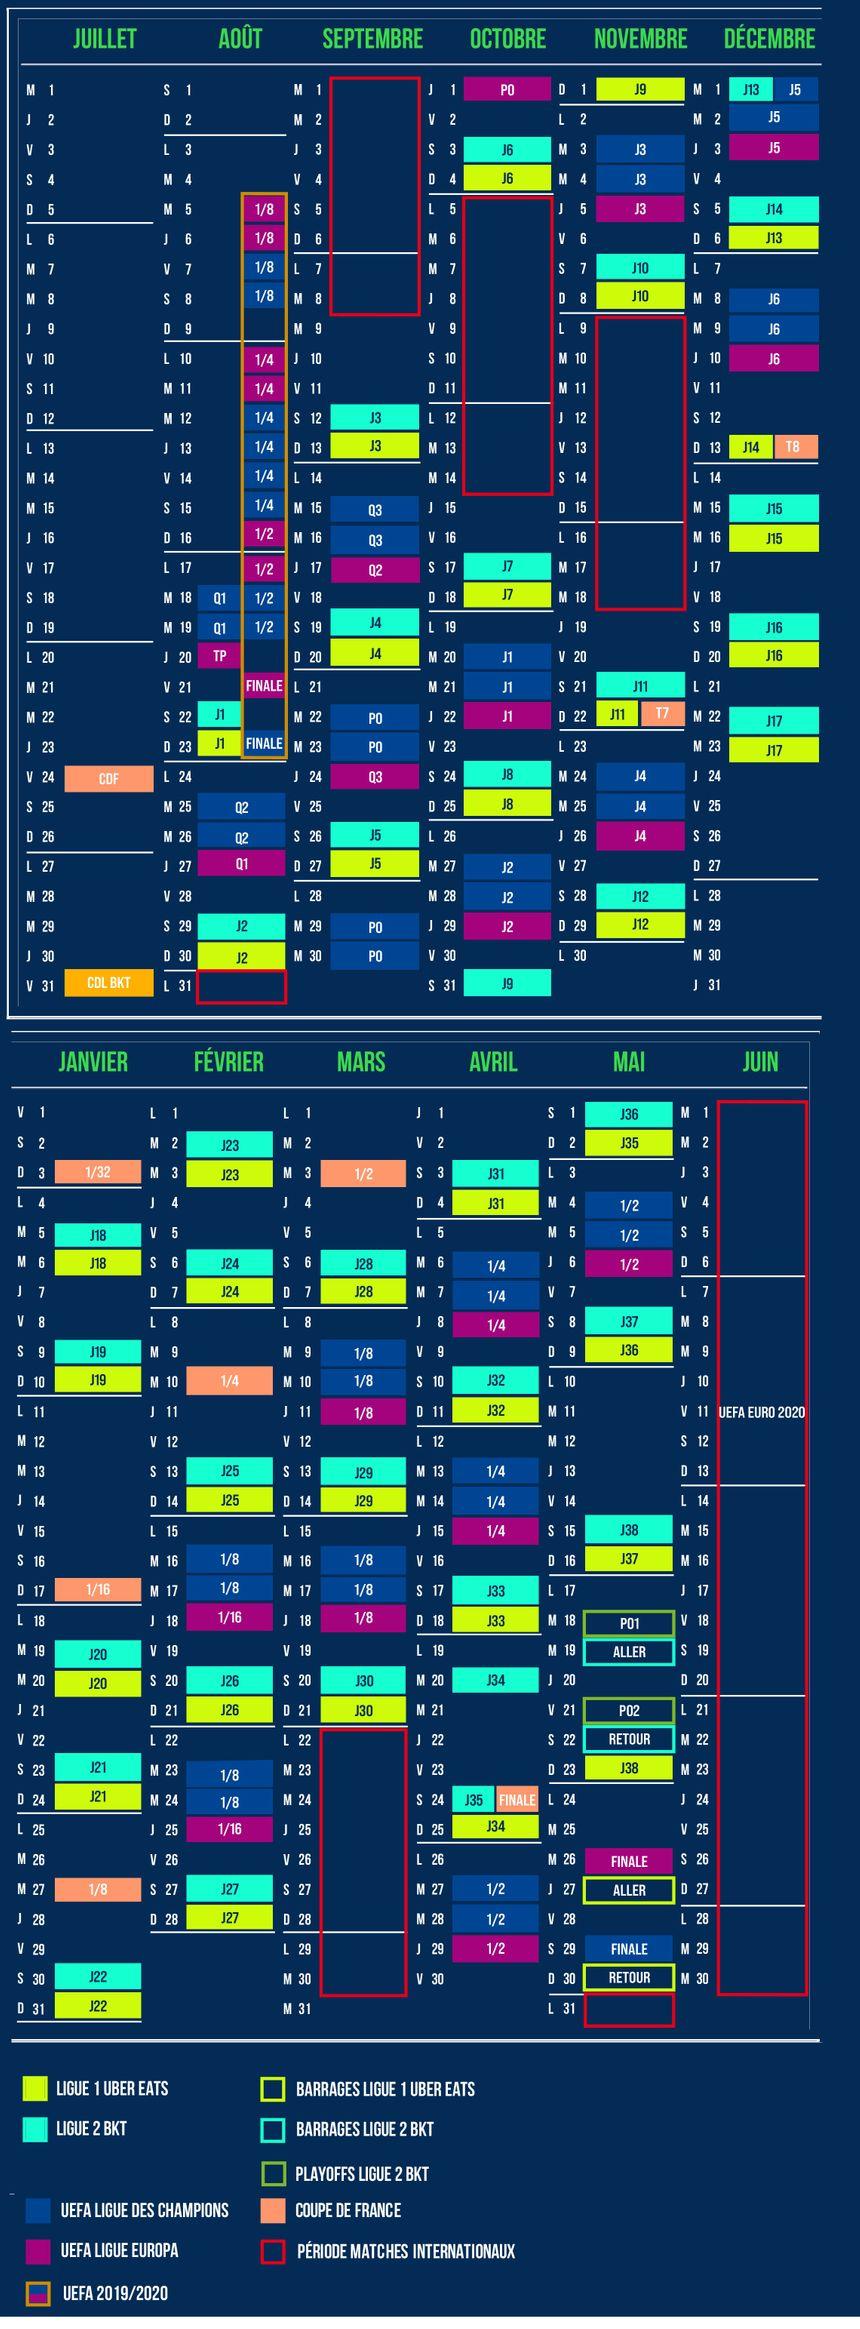 Calendrier Ol 2021 Ligue 1 : le calendrier de l'Olympique Lyonnais pour la saison